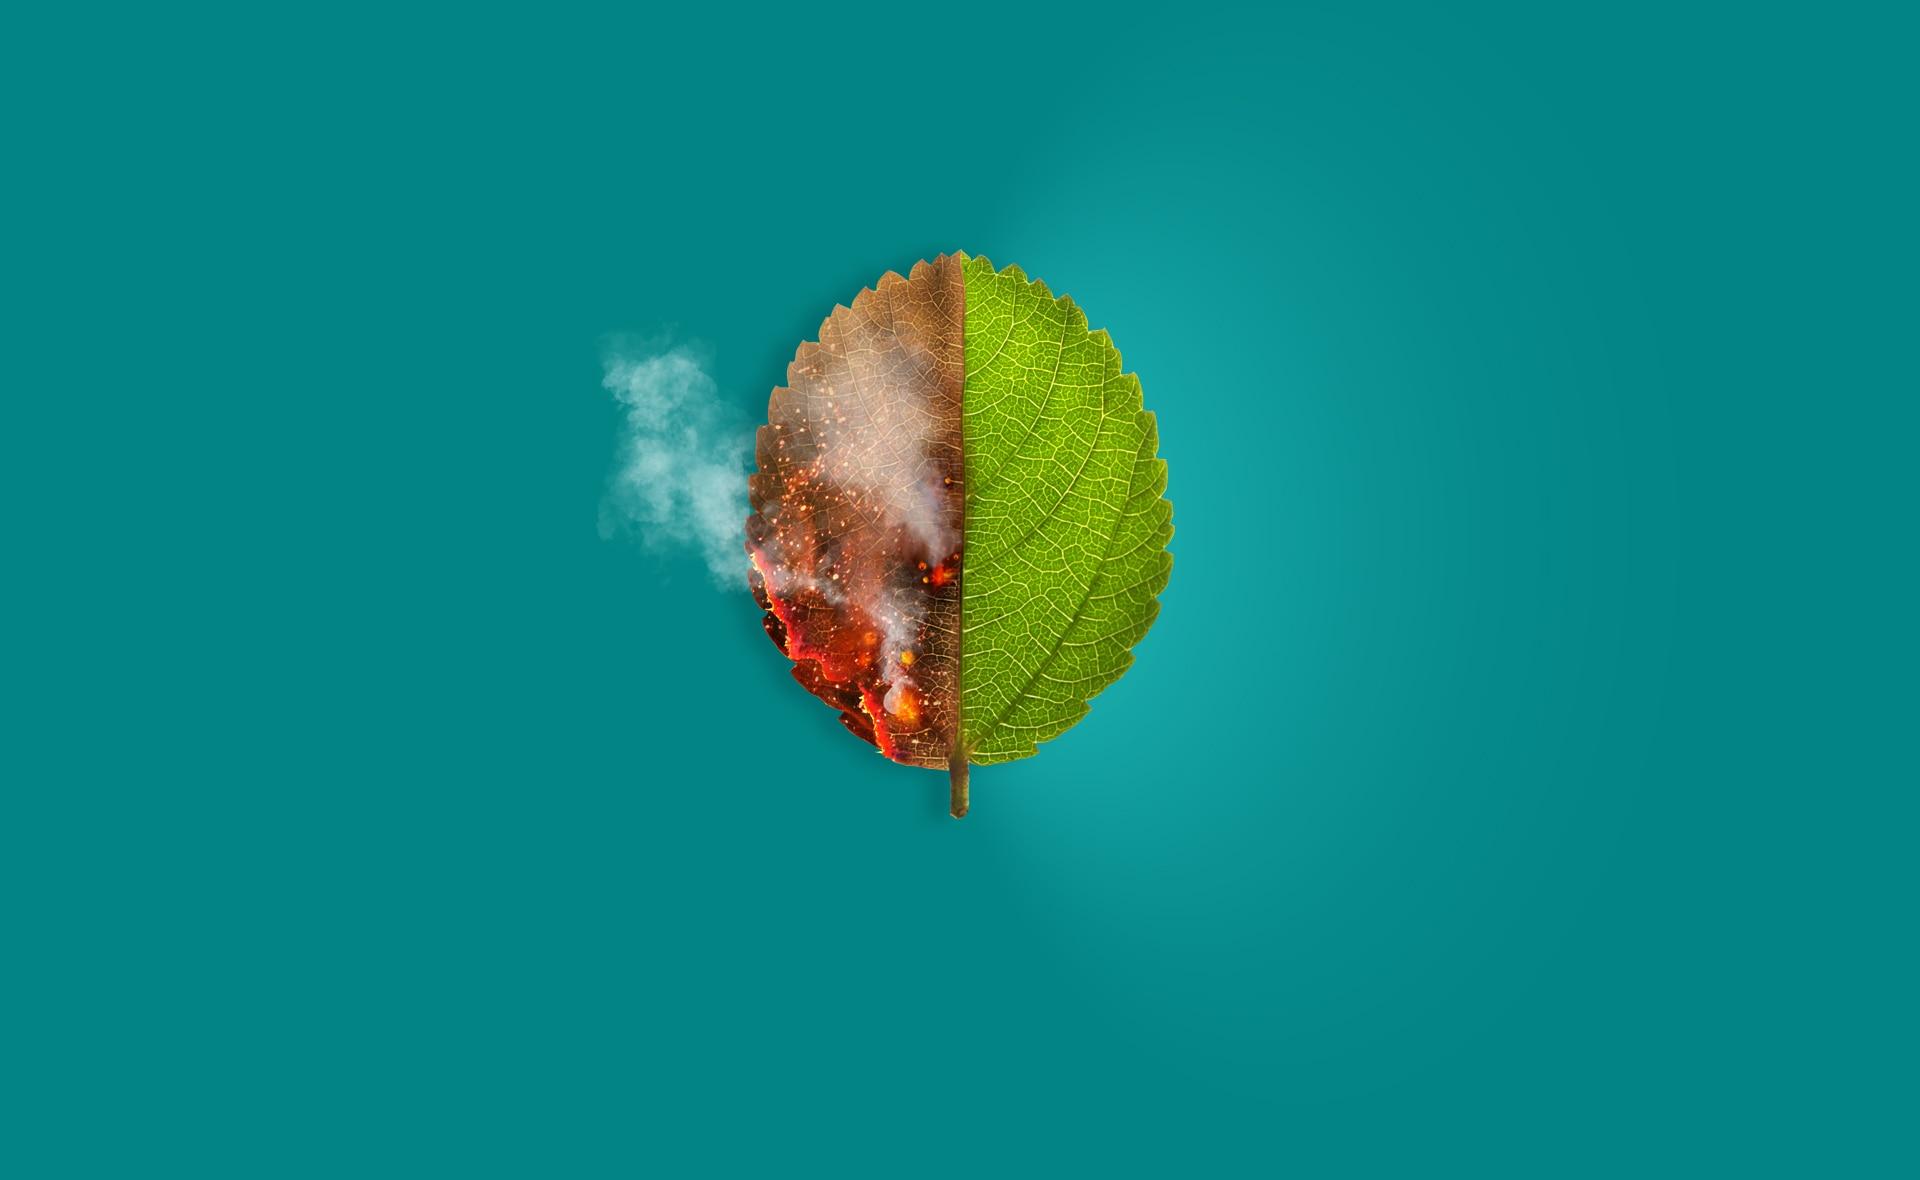 BBVA-cambio-climatico-apertura-peligro-bosques-medioambiente-planeta-incendios-efecto-invernadero